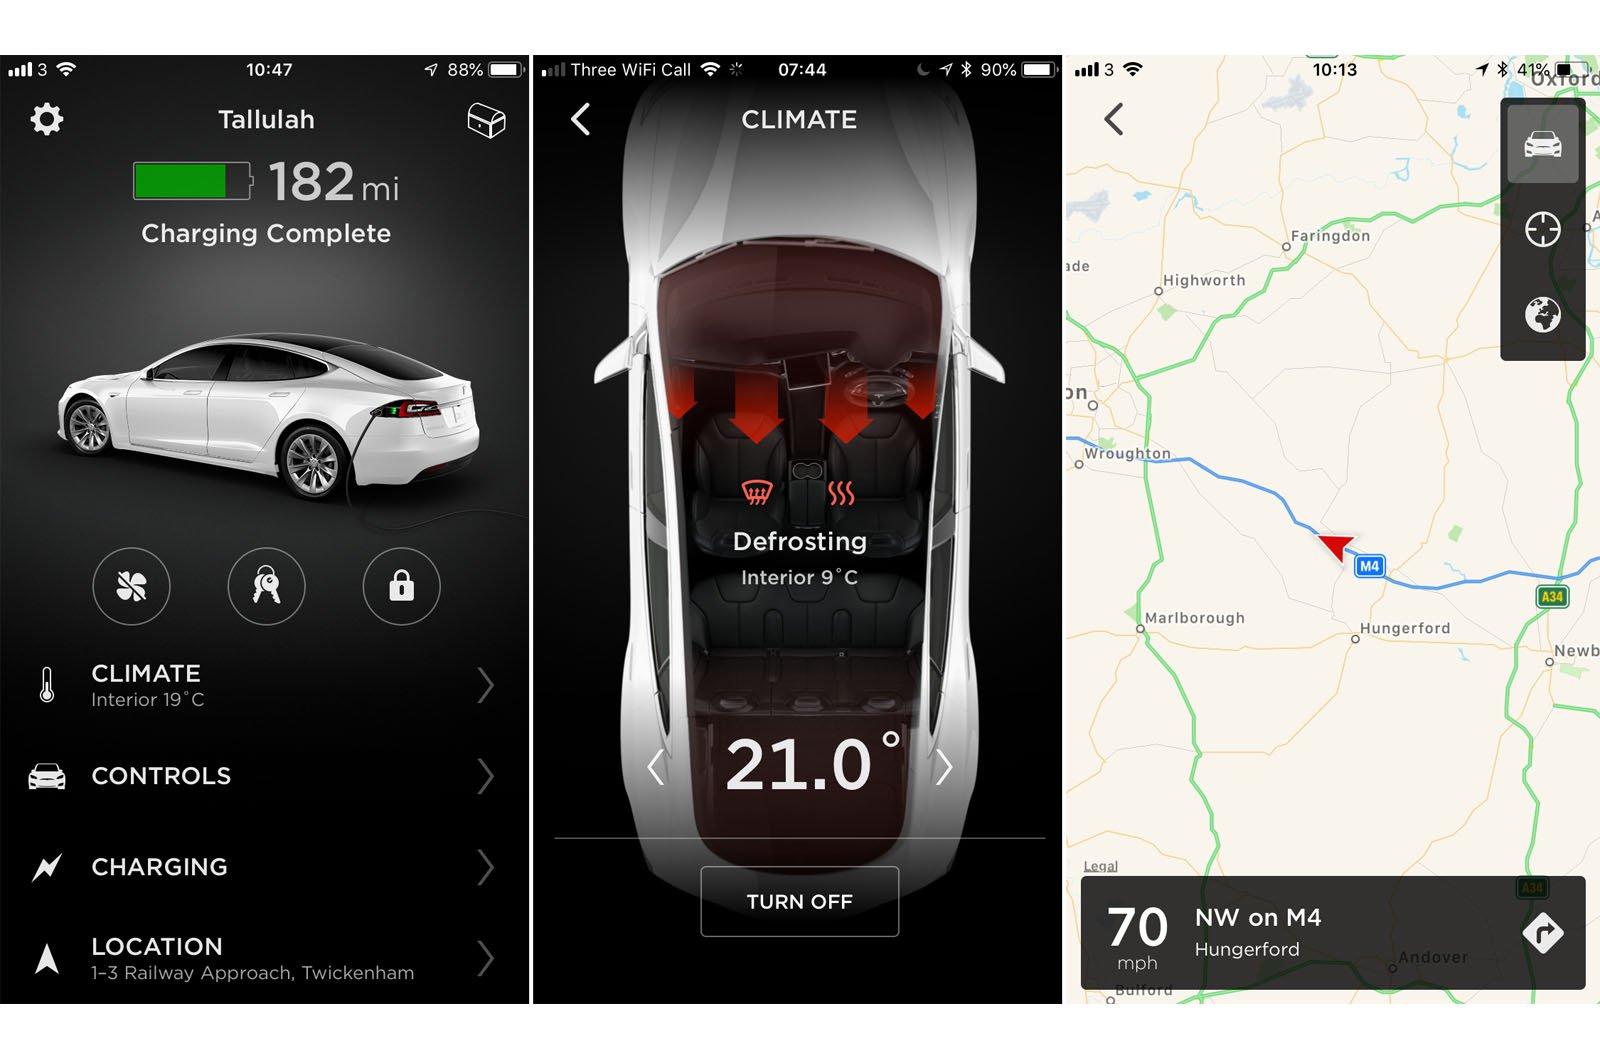 Tesla Model S apps